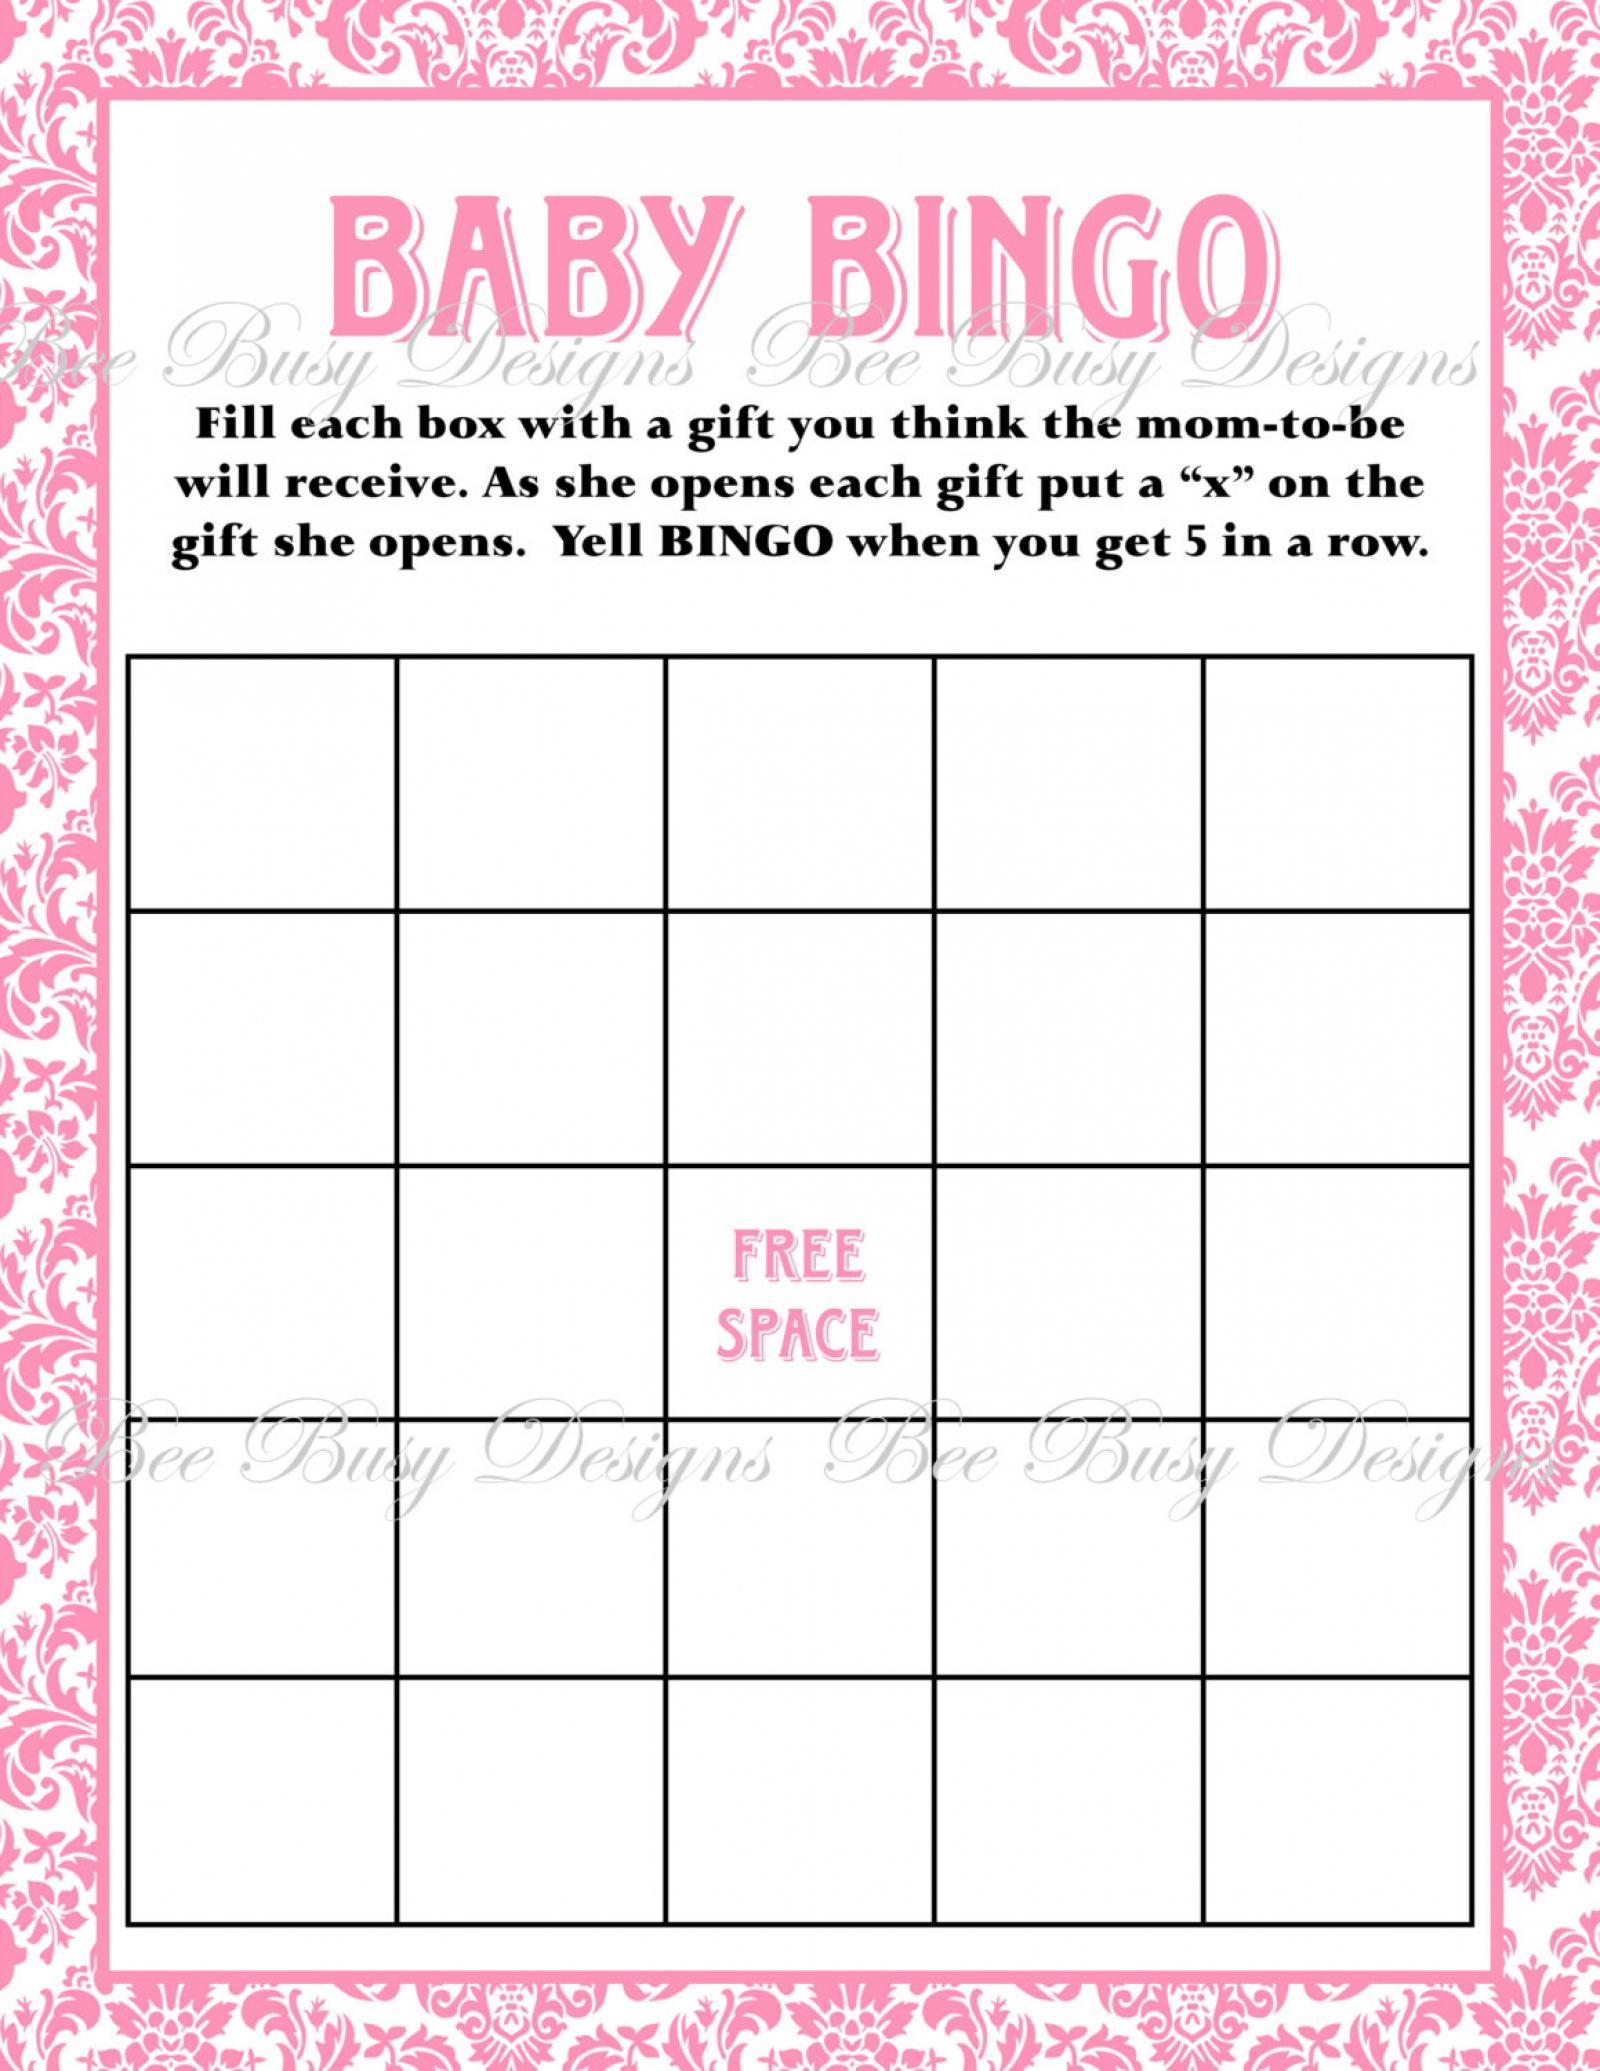 Printable Pink Damask Baby Shower Bingo Game Instant Download   Bee - Printable Baby Shower Bingo Games Free